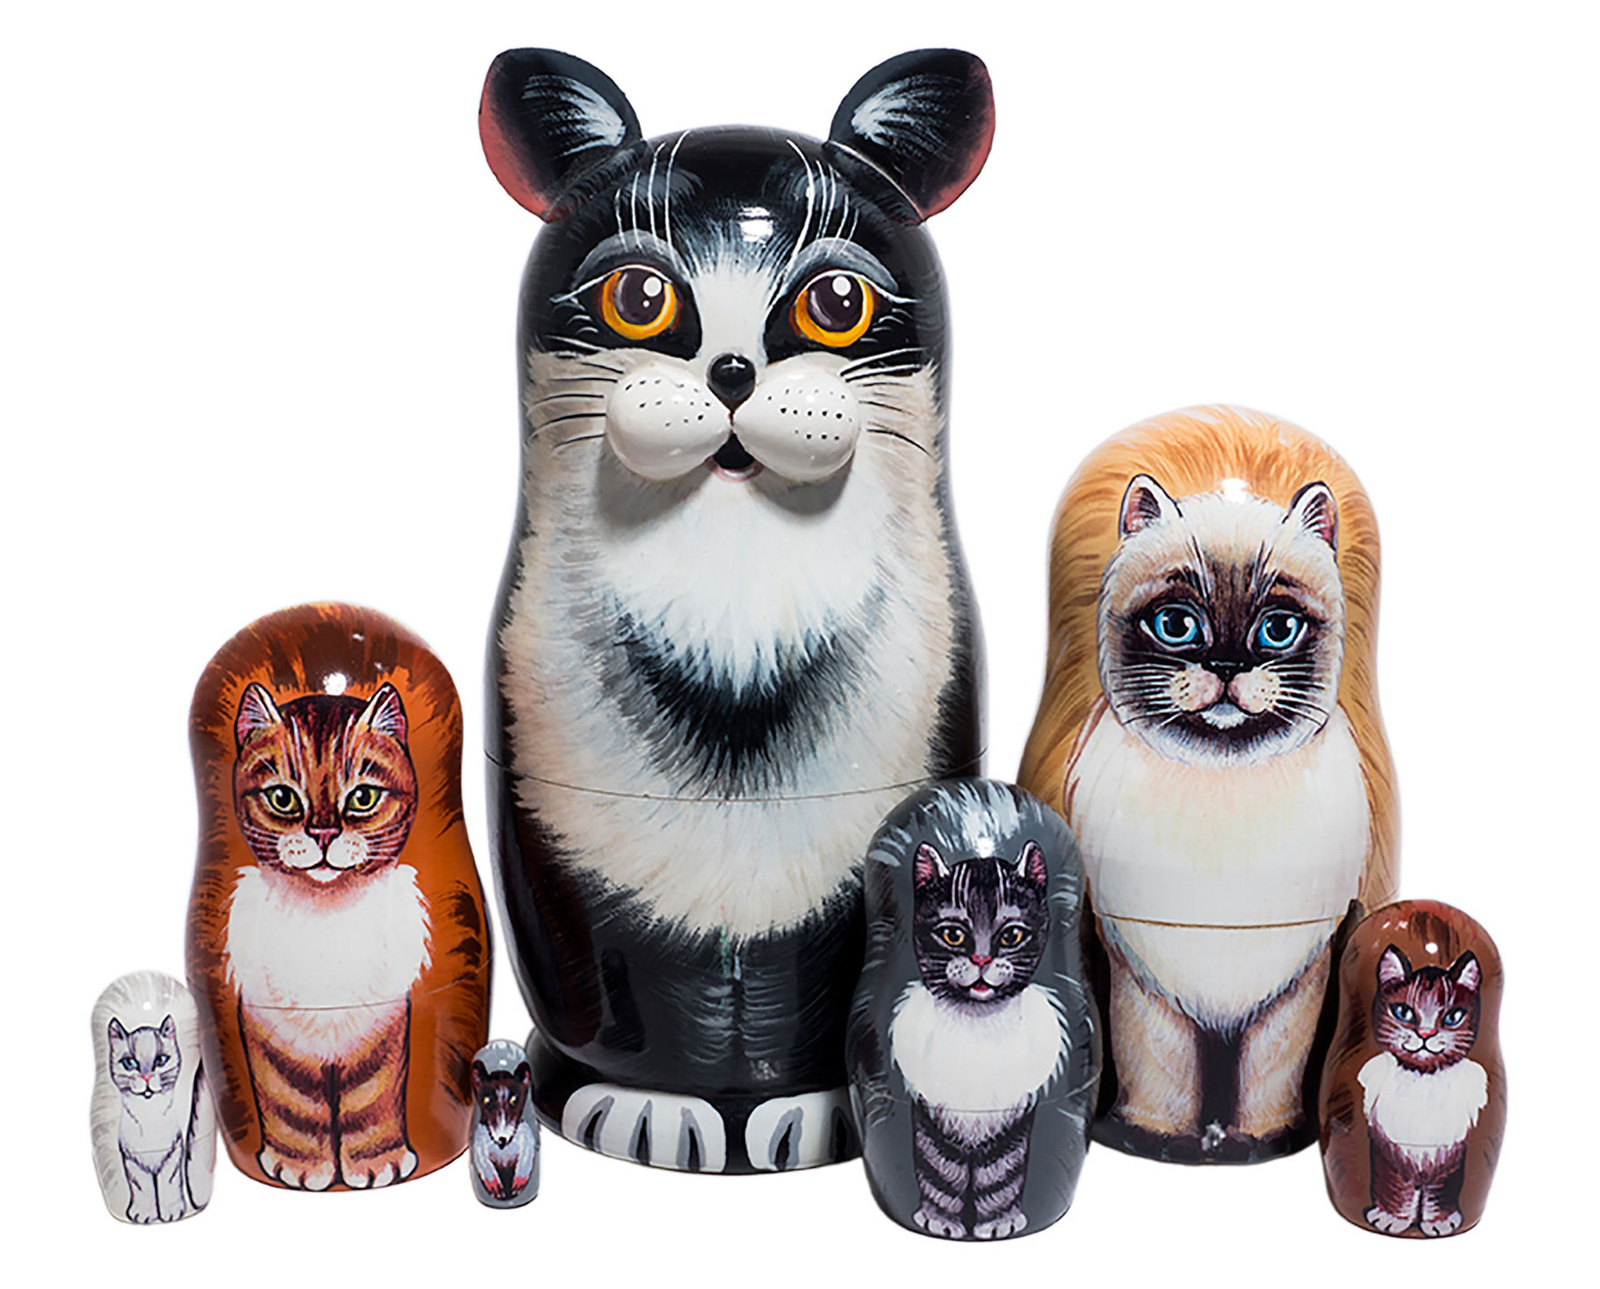 Gc cat 180073 s lrg